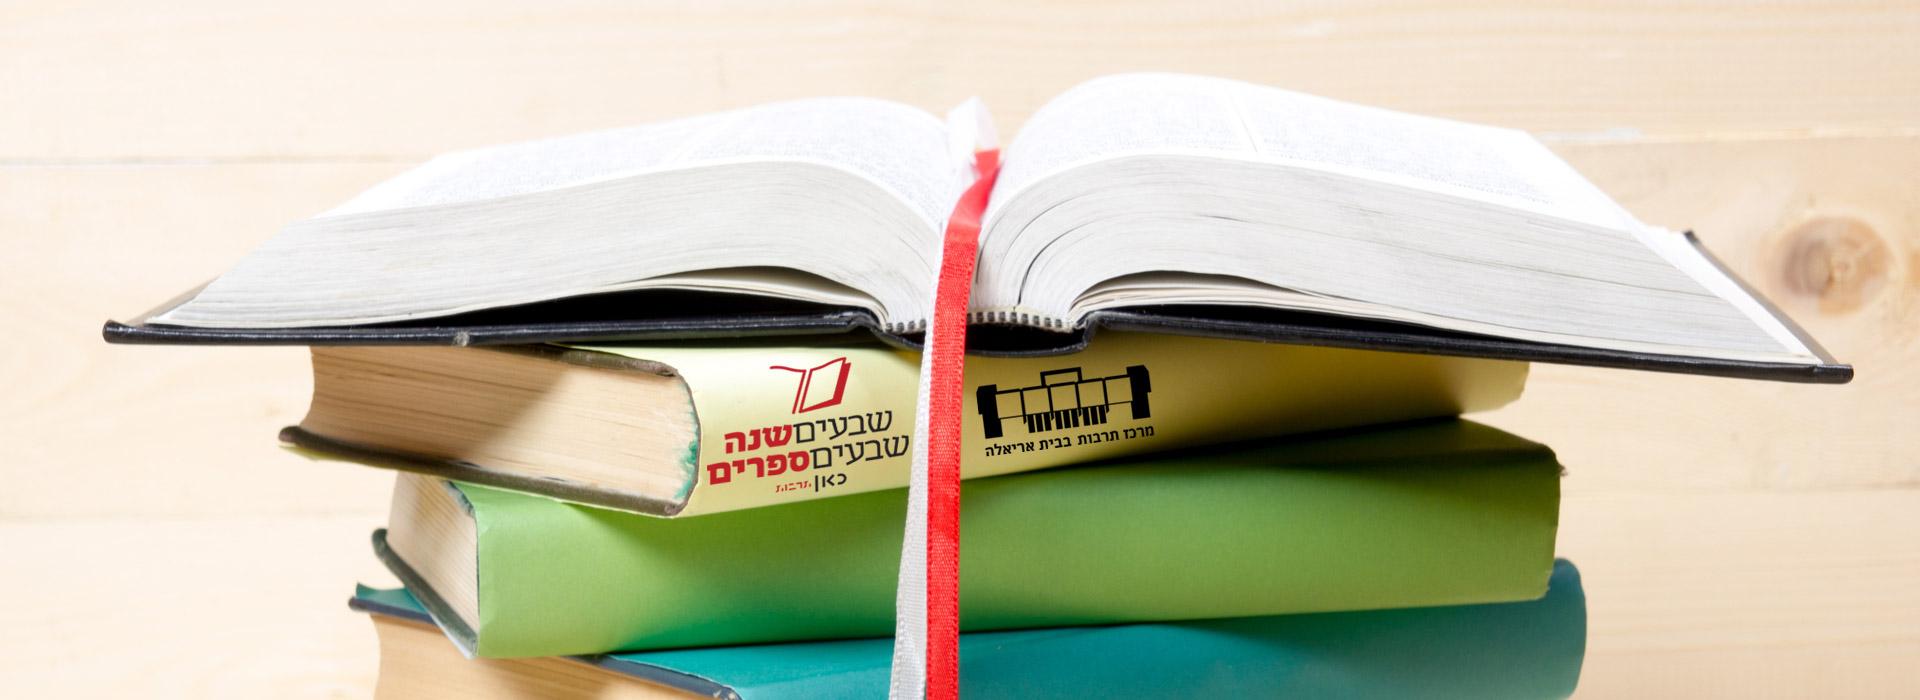 70 שנה 70 ספרים